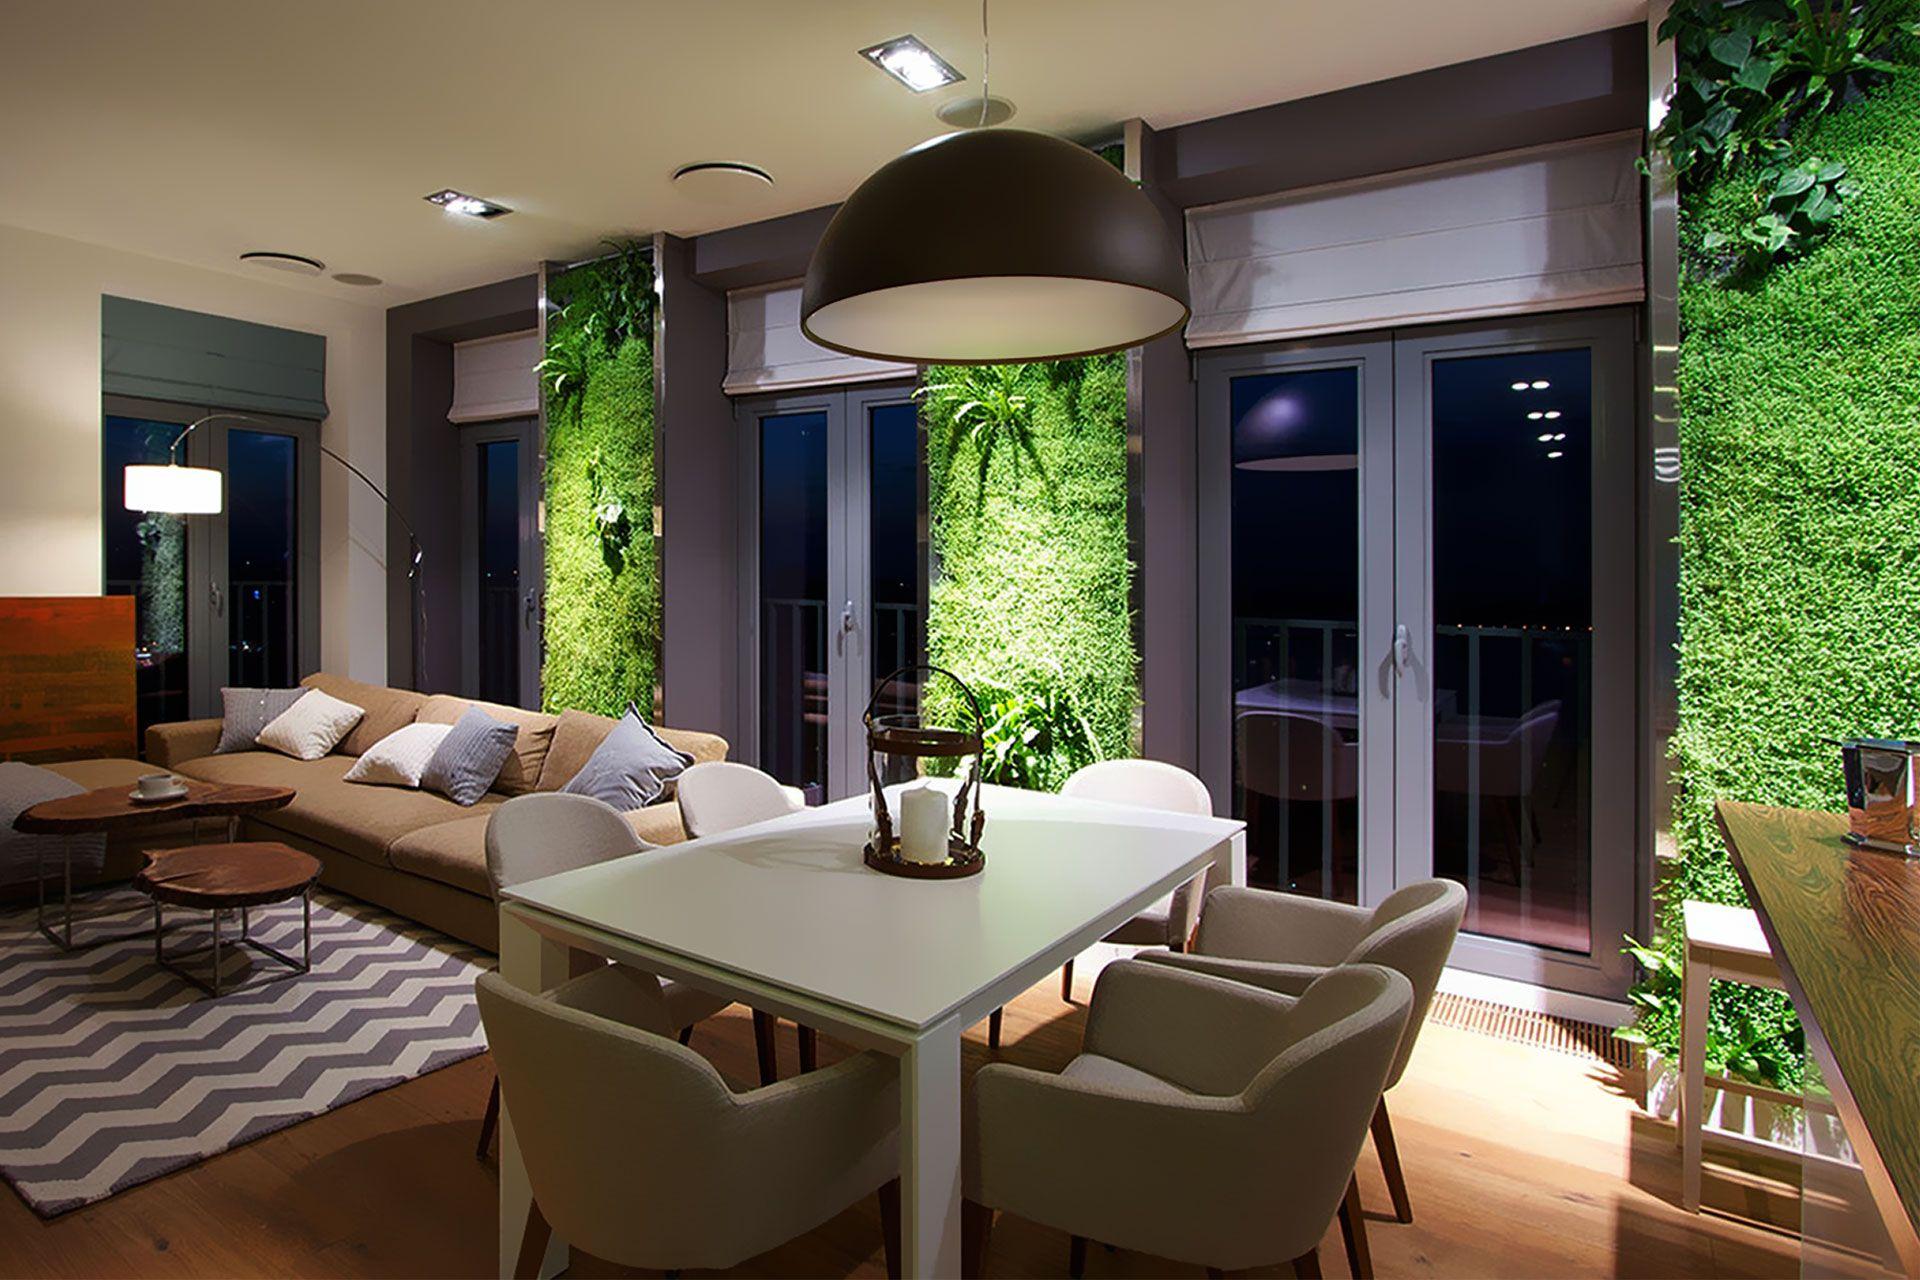 Pin von Sza Sza auf Architecture and Interior Design | Pinterest